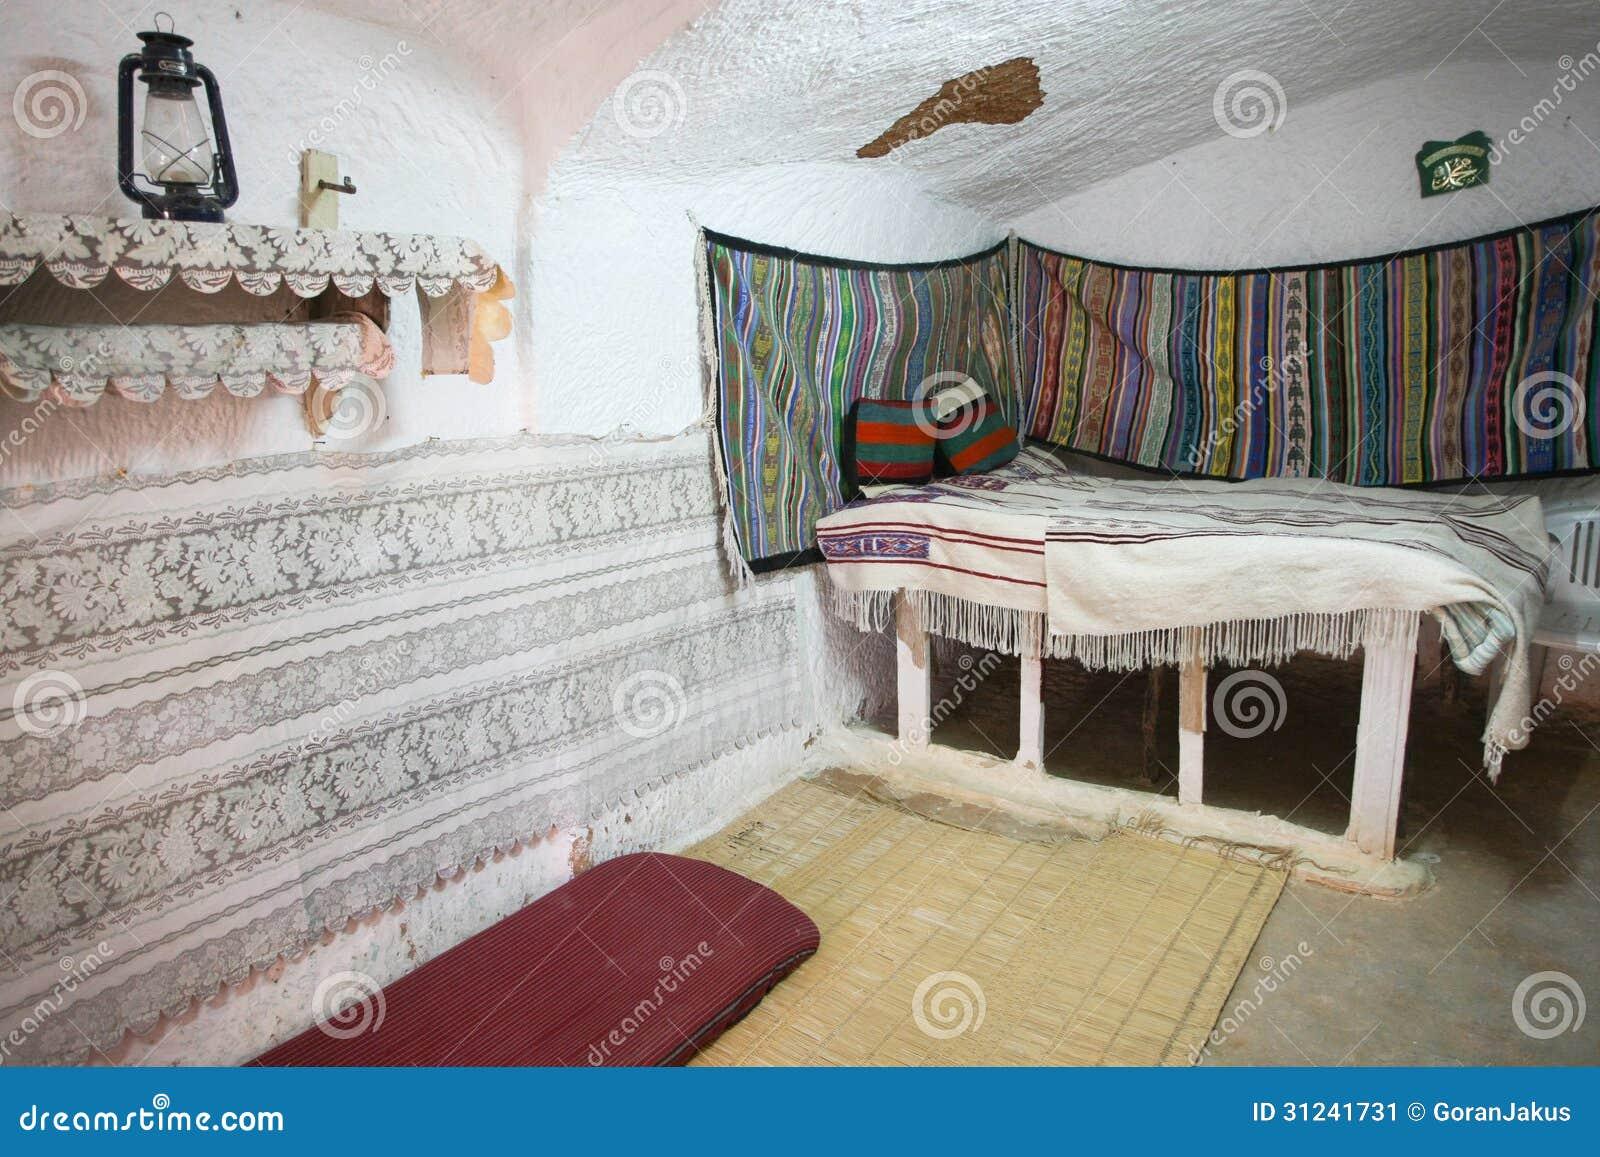 Cuisine Rouge Avec Mur Gris : Chambre à Coucher Dans La Maison Originale De Troglodyte Image stock